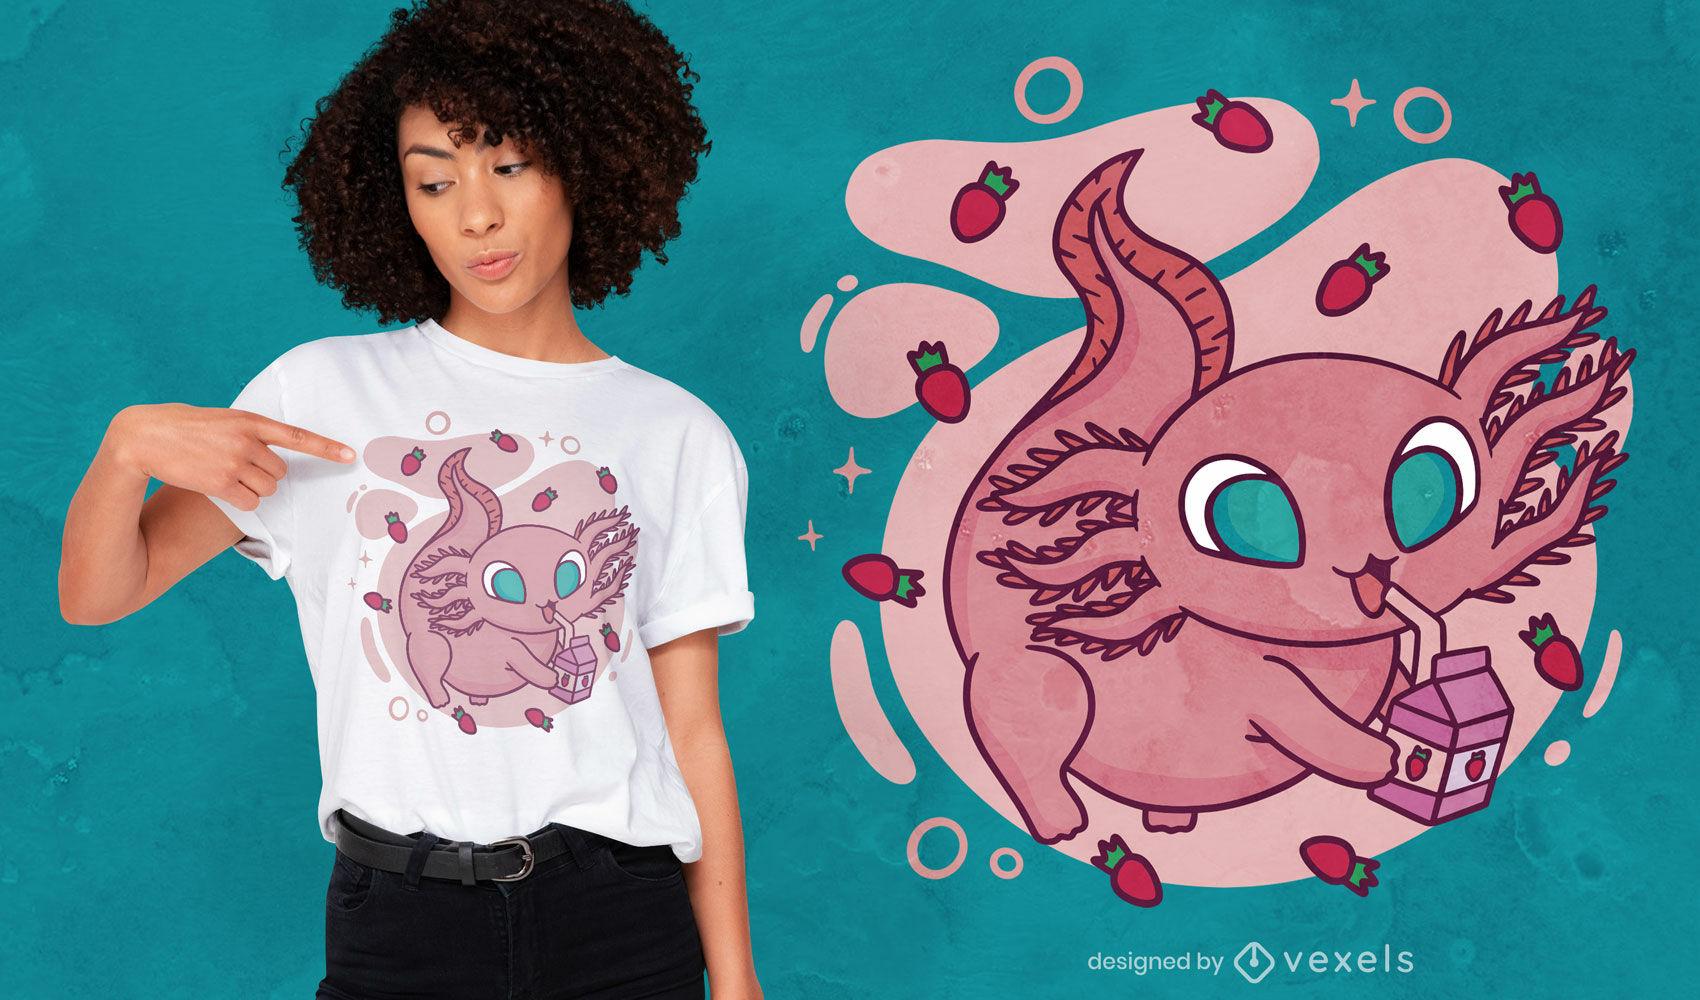 Süßes Axolotl-Trinkmillk-T-Shirt-Design